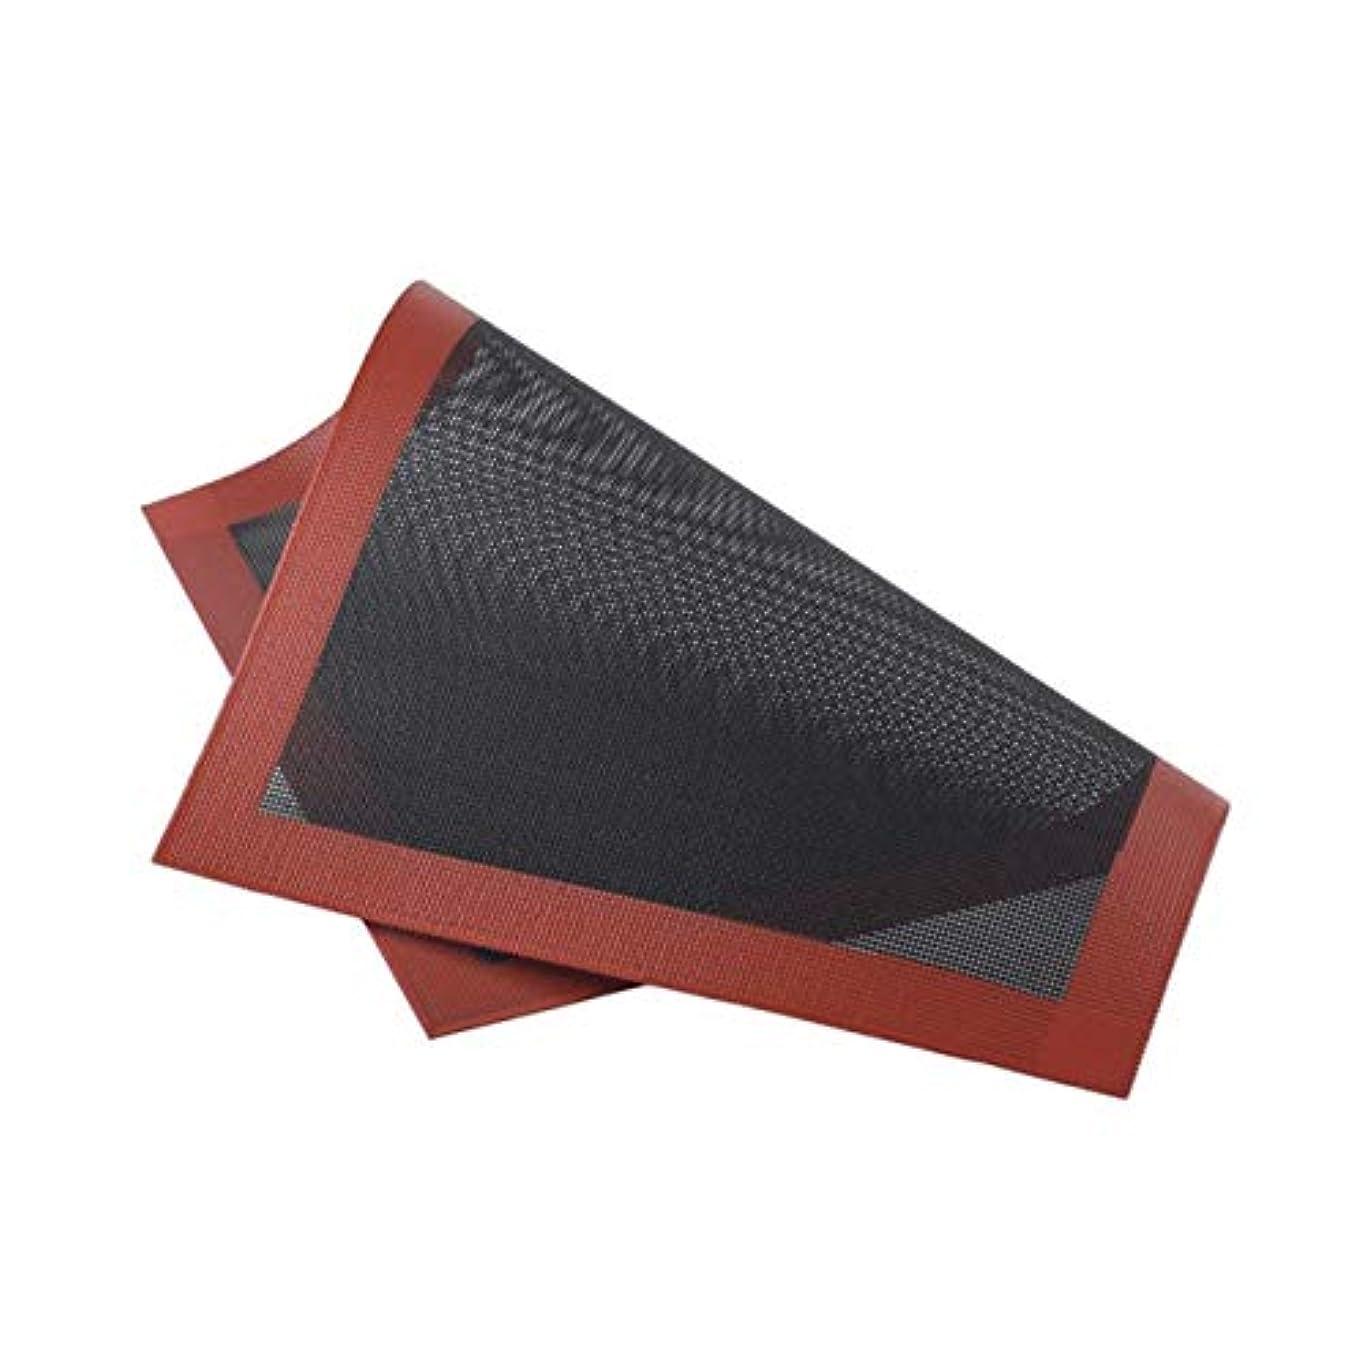 ジョイント予見するクレアSaikogoods クッキーパンビスケットのための実用的なデザインホームキッチンベーキングツールのシリコンベーキングマットノンスティックベーキングオーブンシートライナー 黒と赤 直角